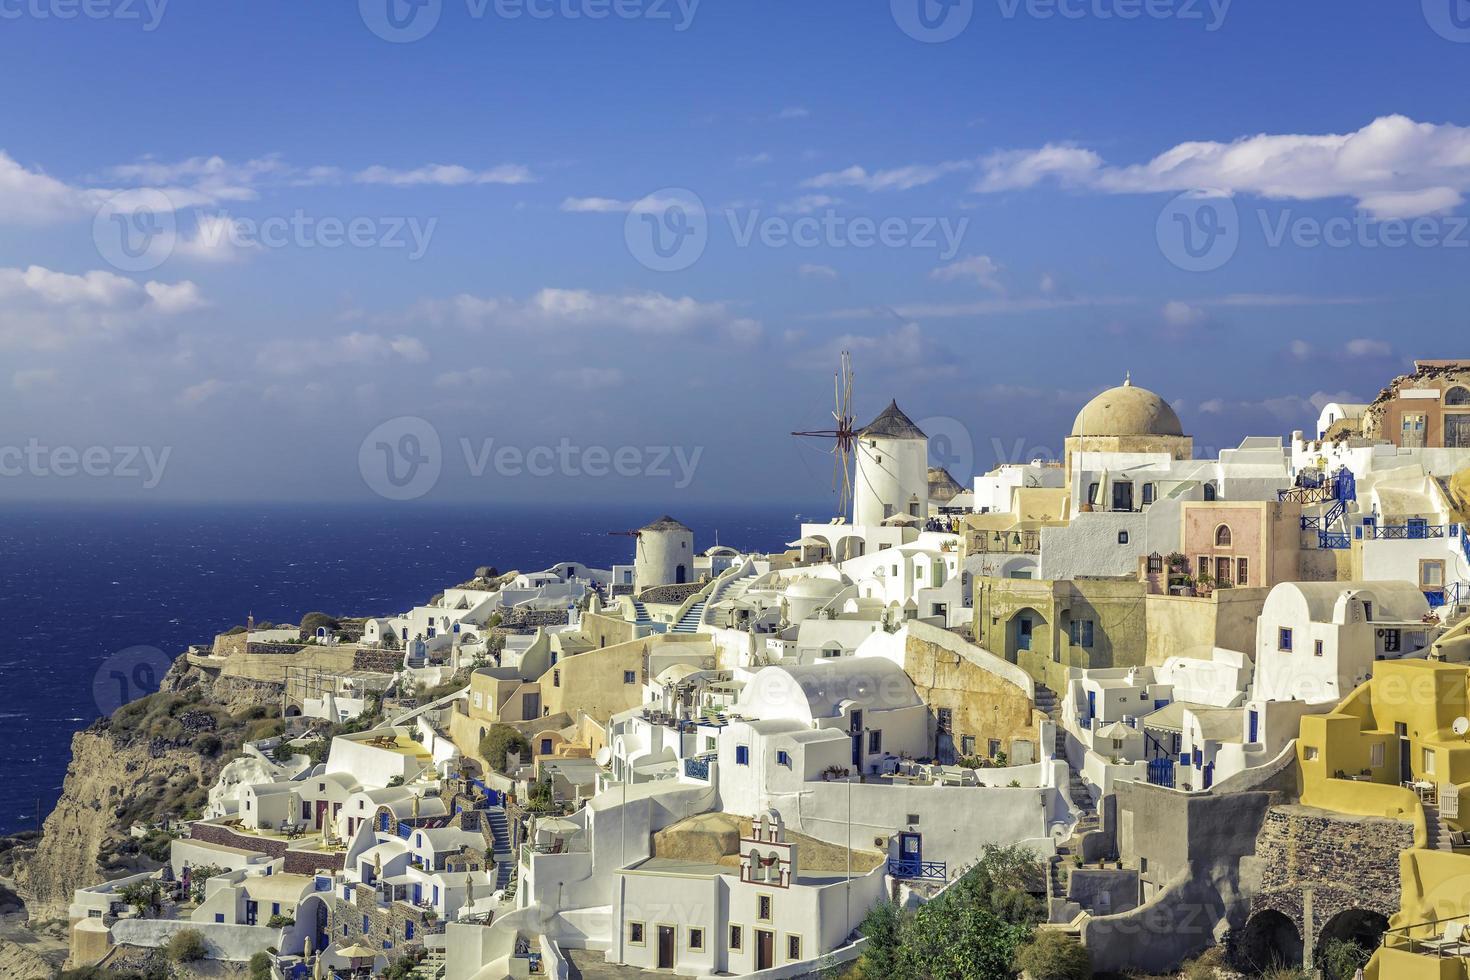 fantastisk by oia på ön santorini, Grekland foto